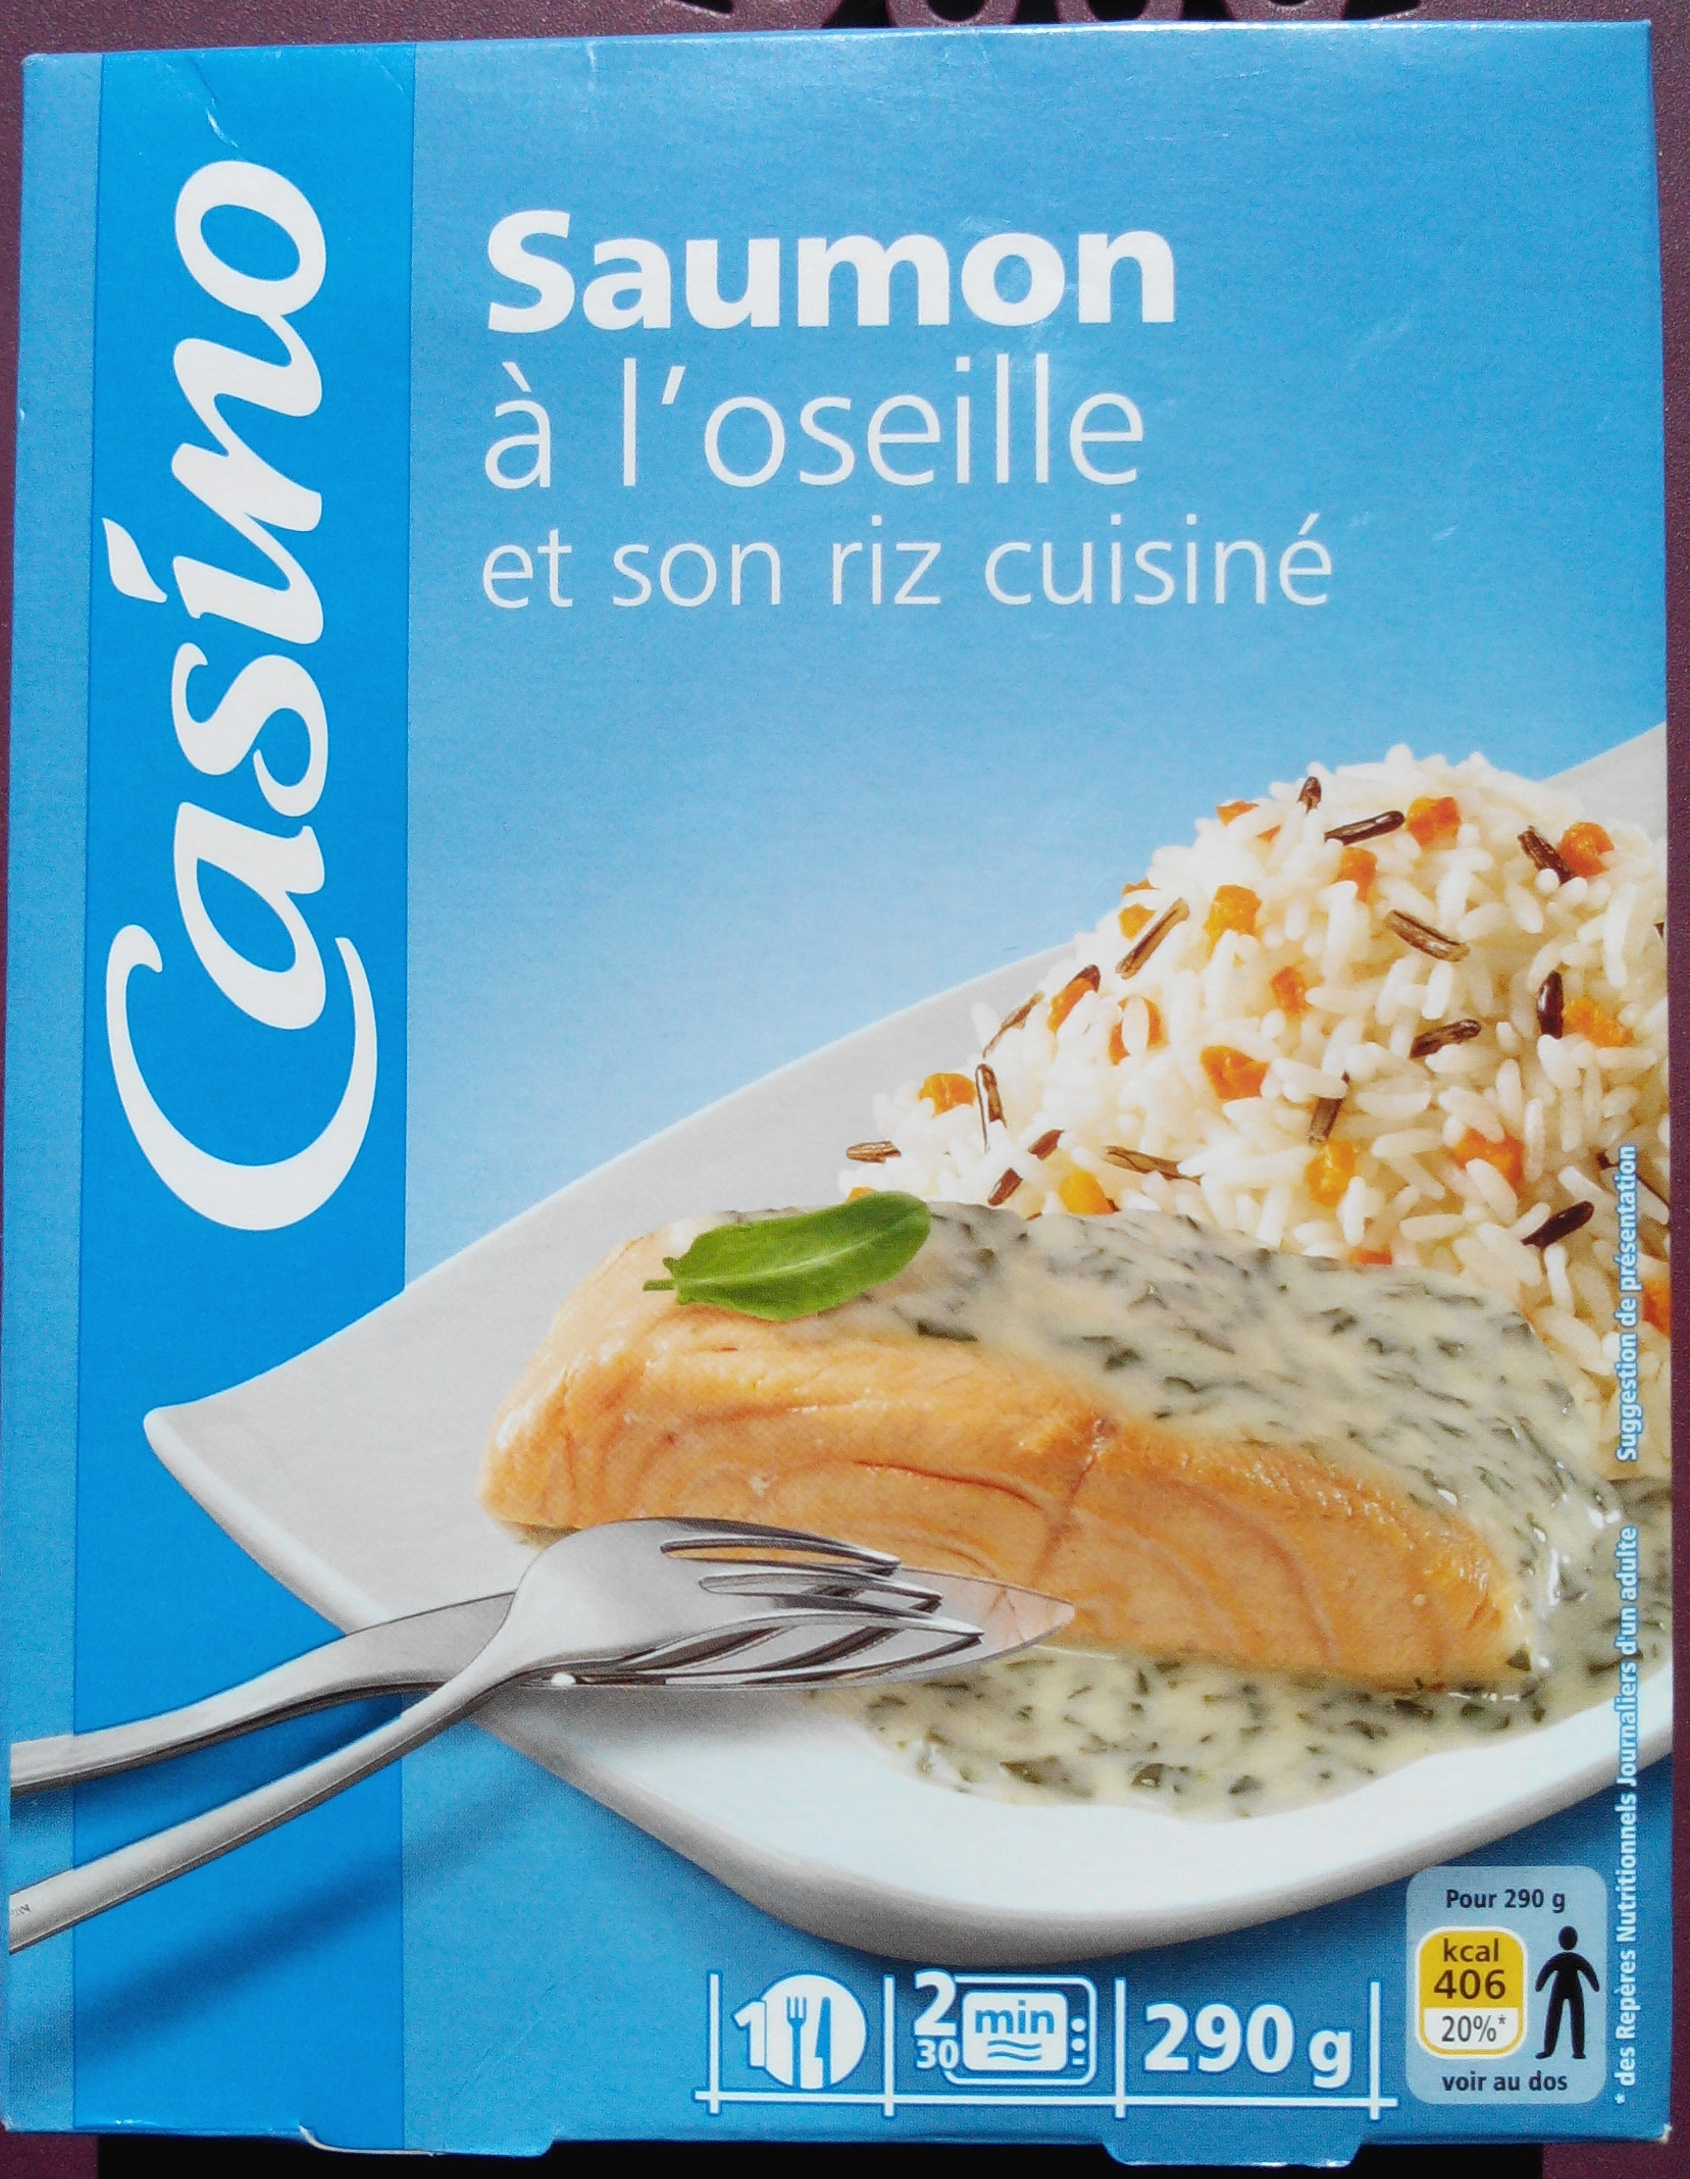 Saumon à l'oseille et son riz cuisiné - Produit